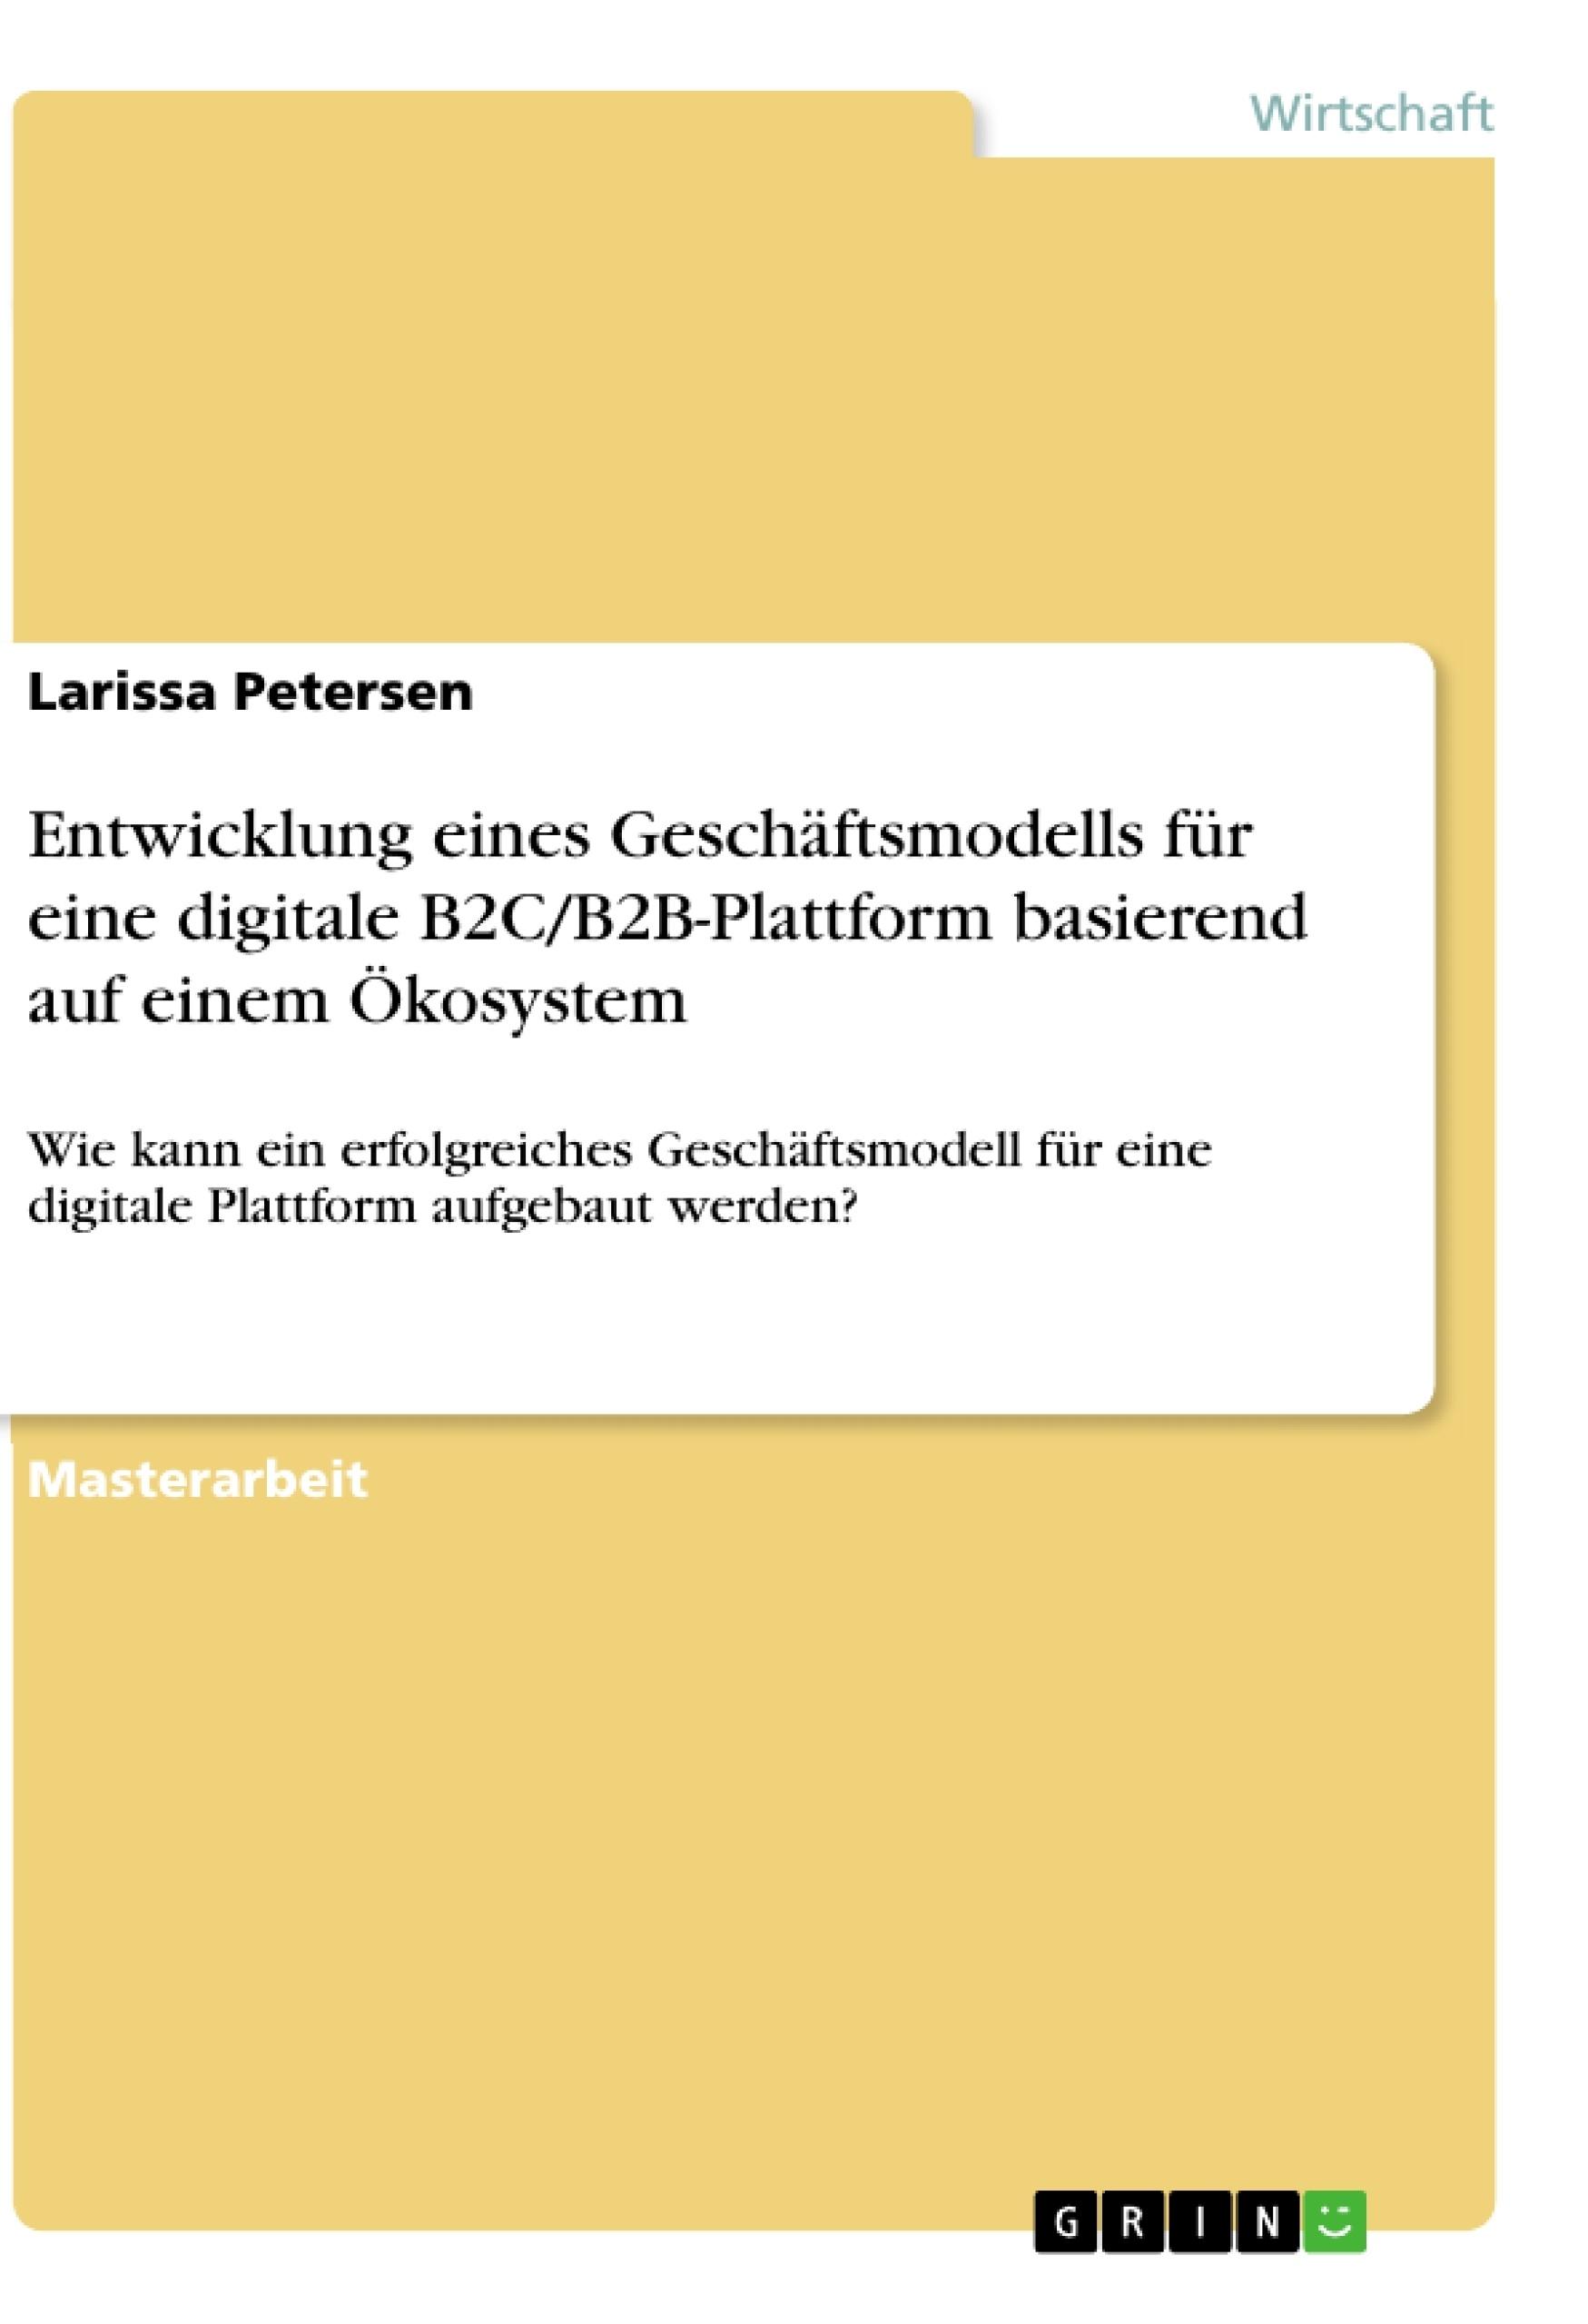 Titel: Entwicklung eines Geschäftsmodells für eine digitale B2C/B2B-Plattform basierend auf einem Ökosystem